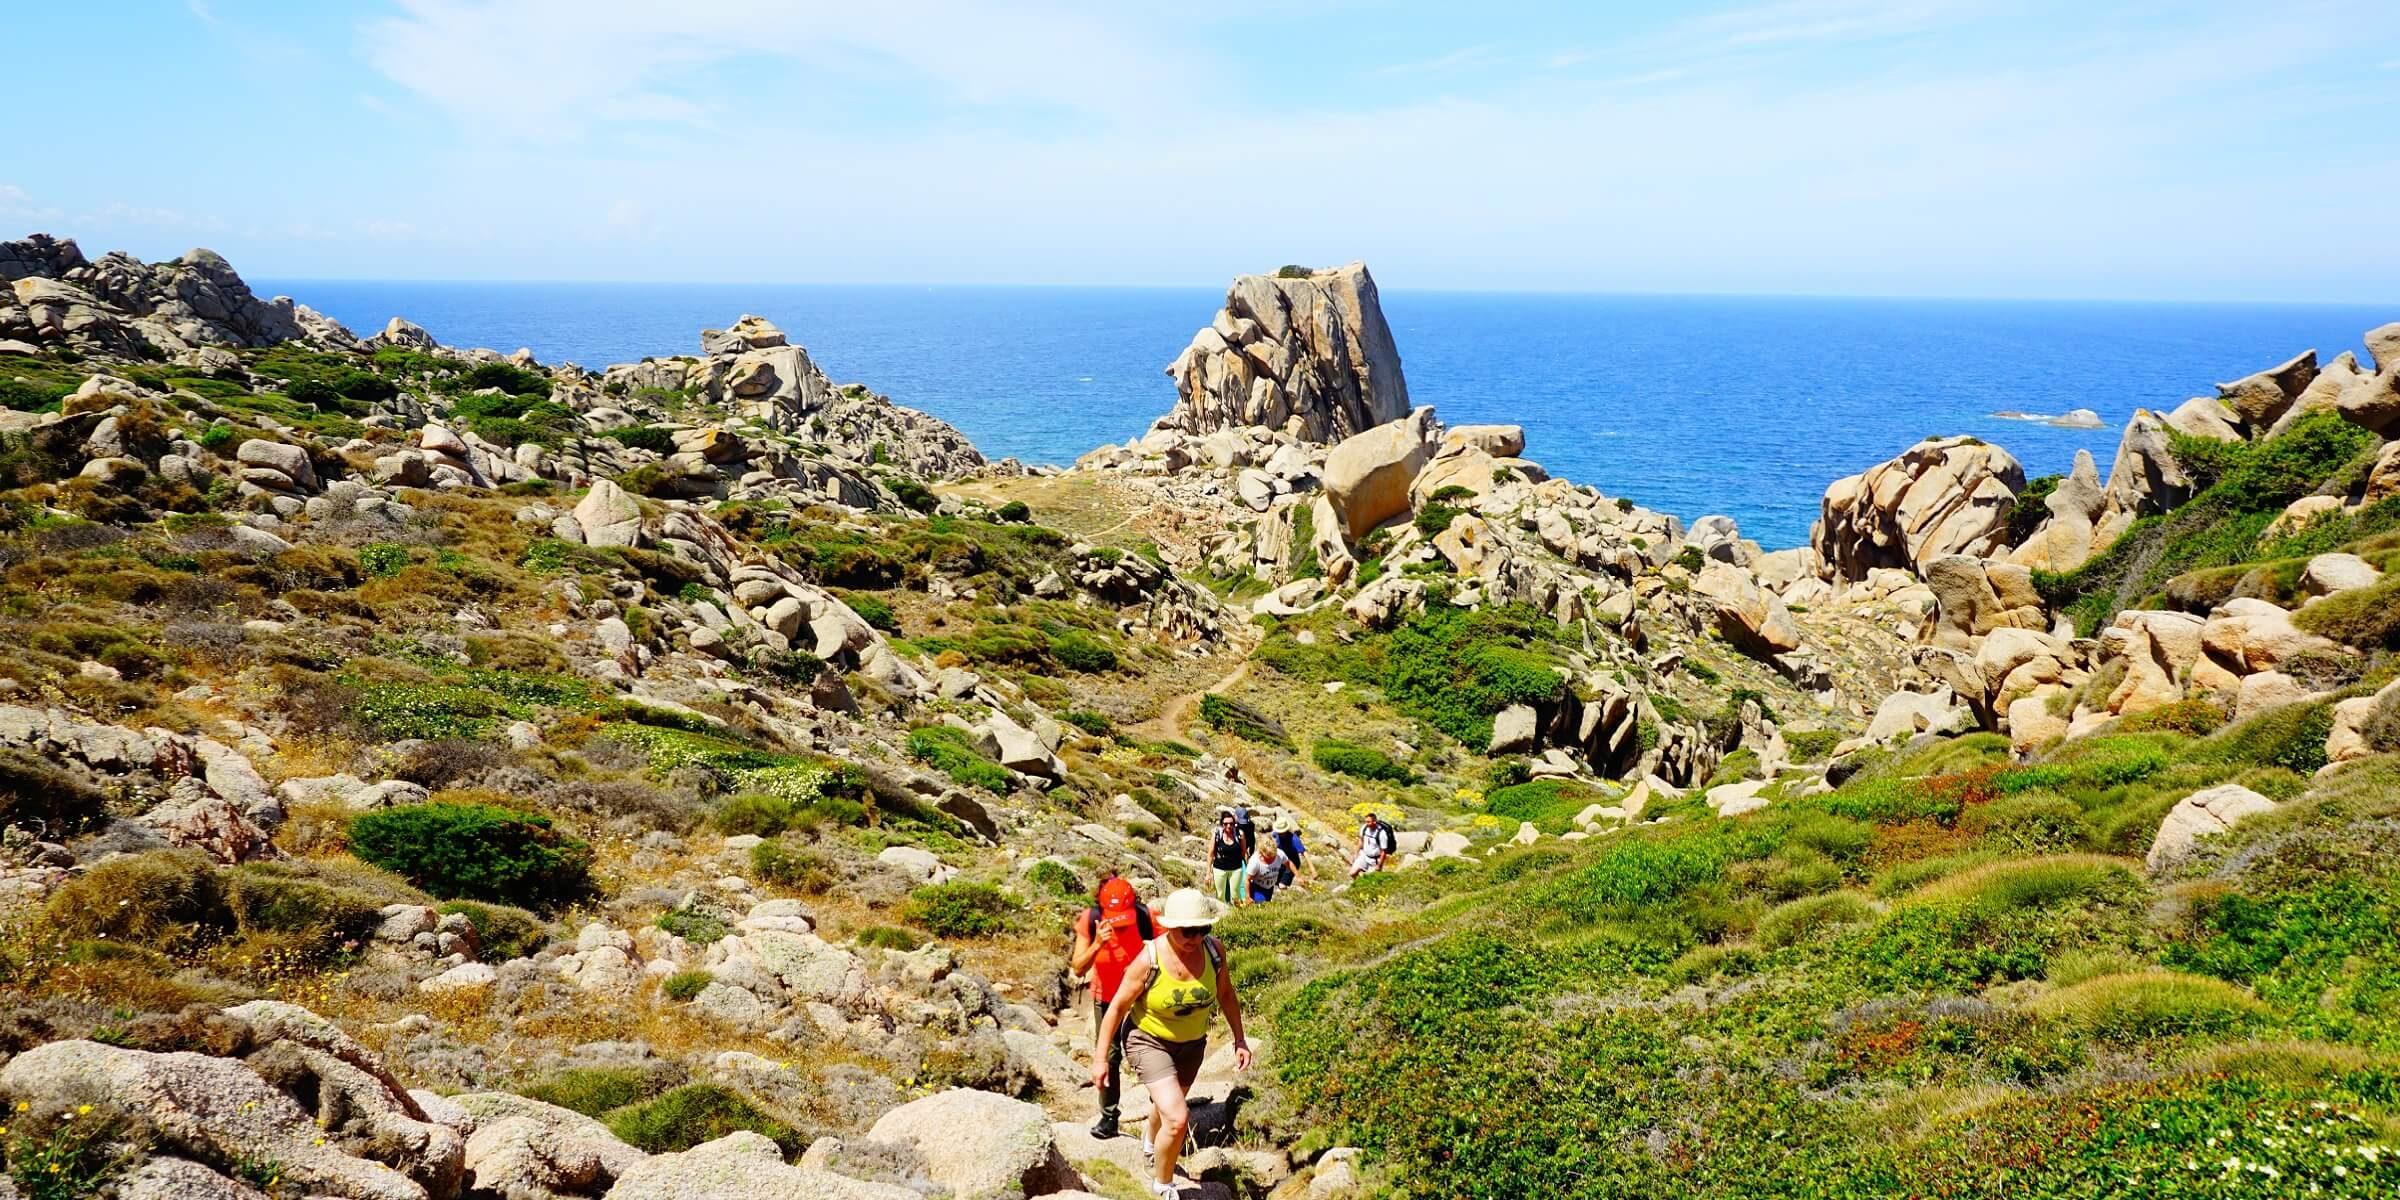 Auf Sardinien wandern Sie gemeinsam mit den anderen Singles an der Küste entlang